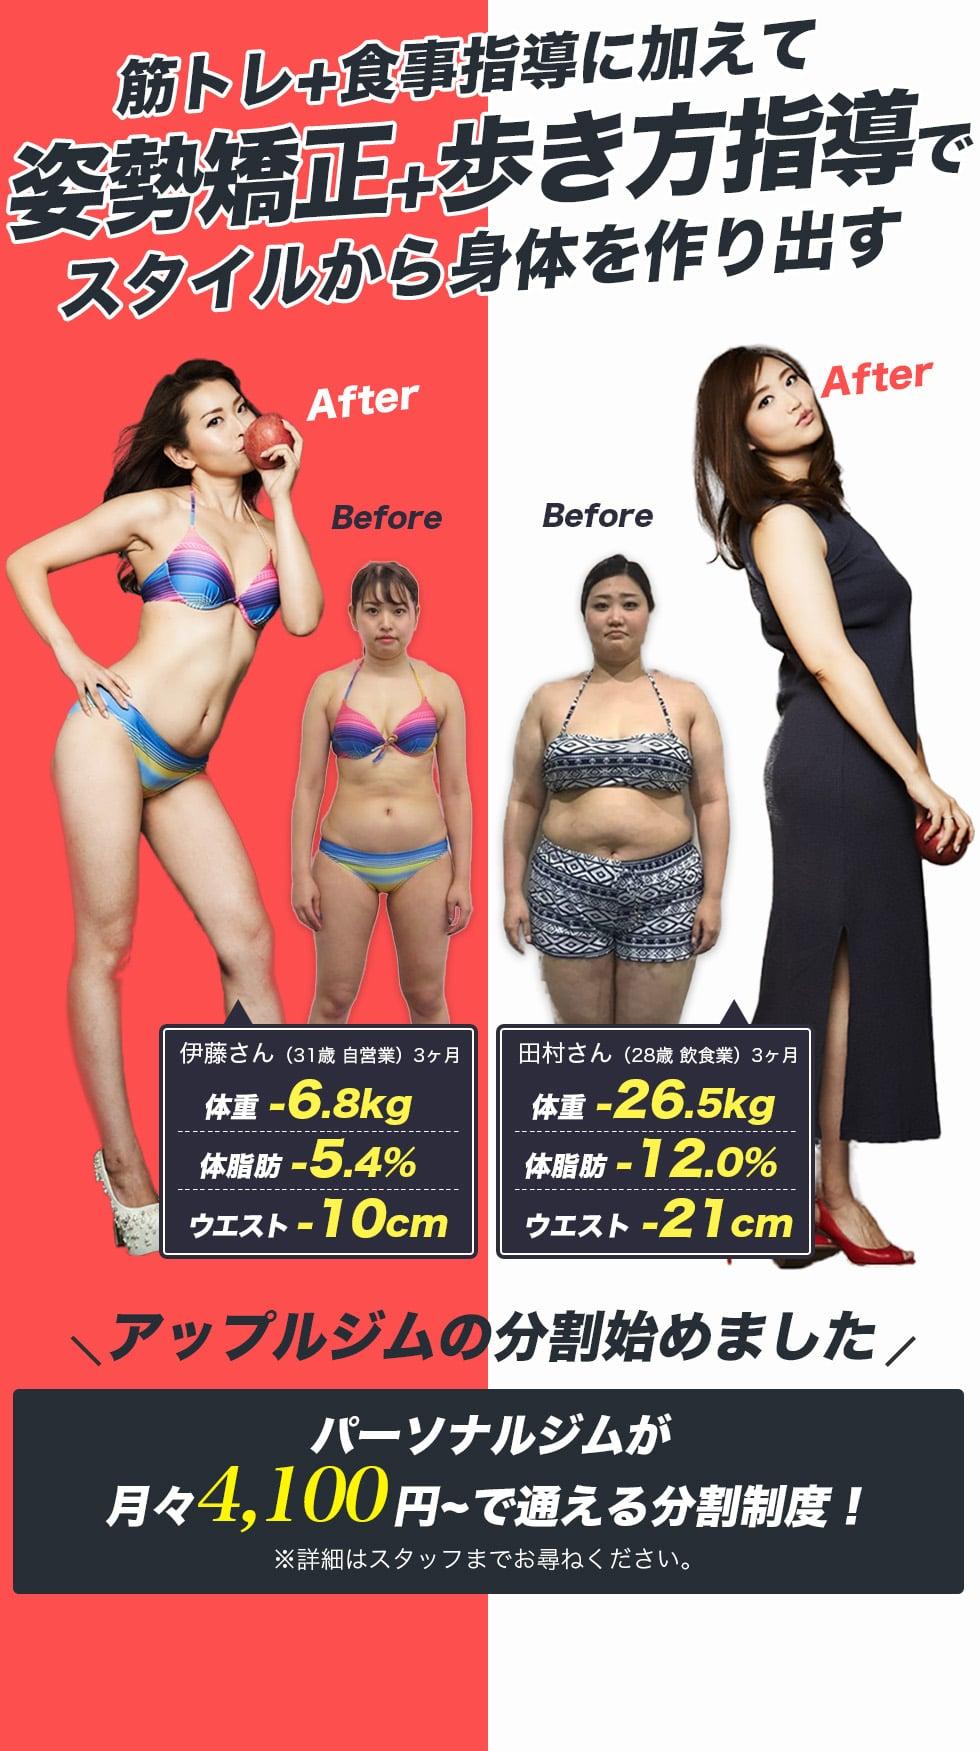 日本初 スタイルをメイクするパーソナルジム 姿勢改善+歩き方指導でプラスアルファの体に